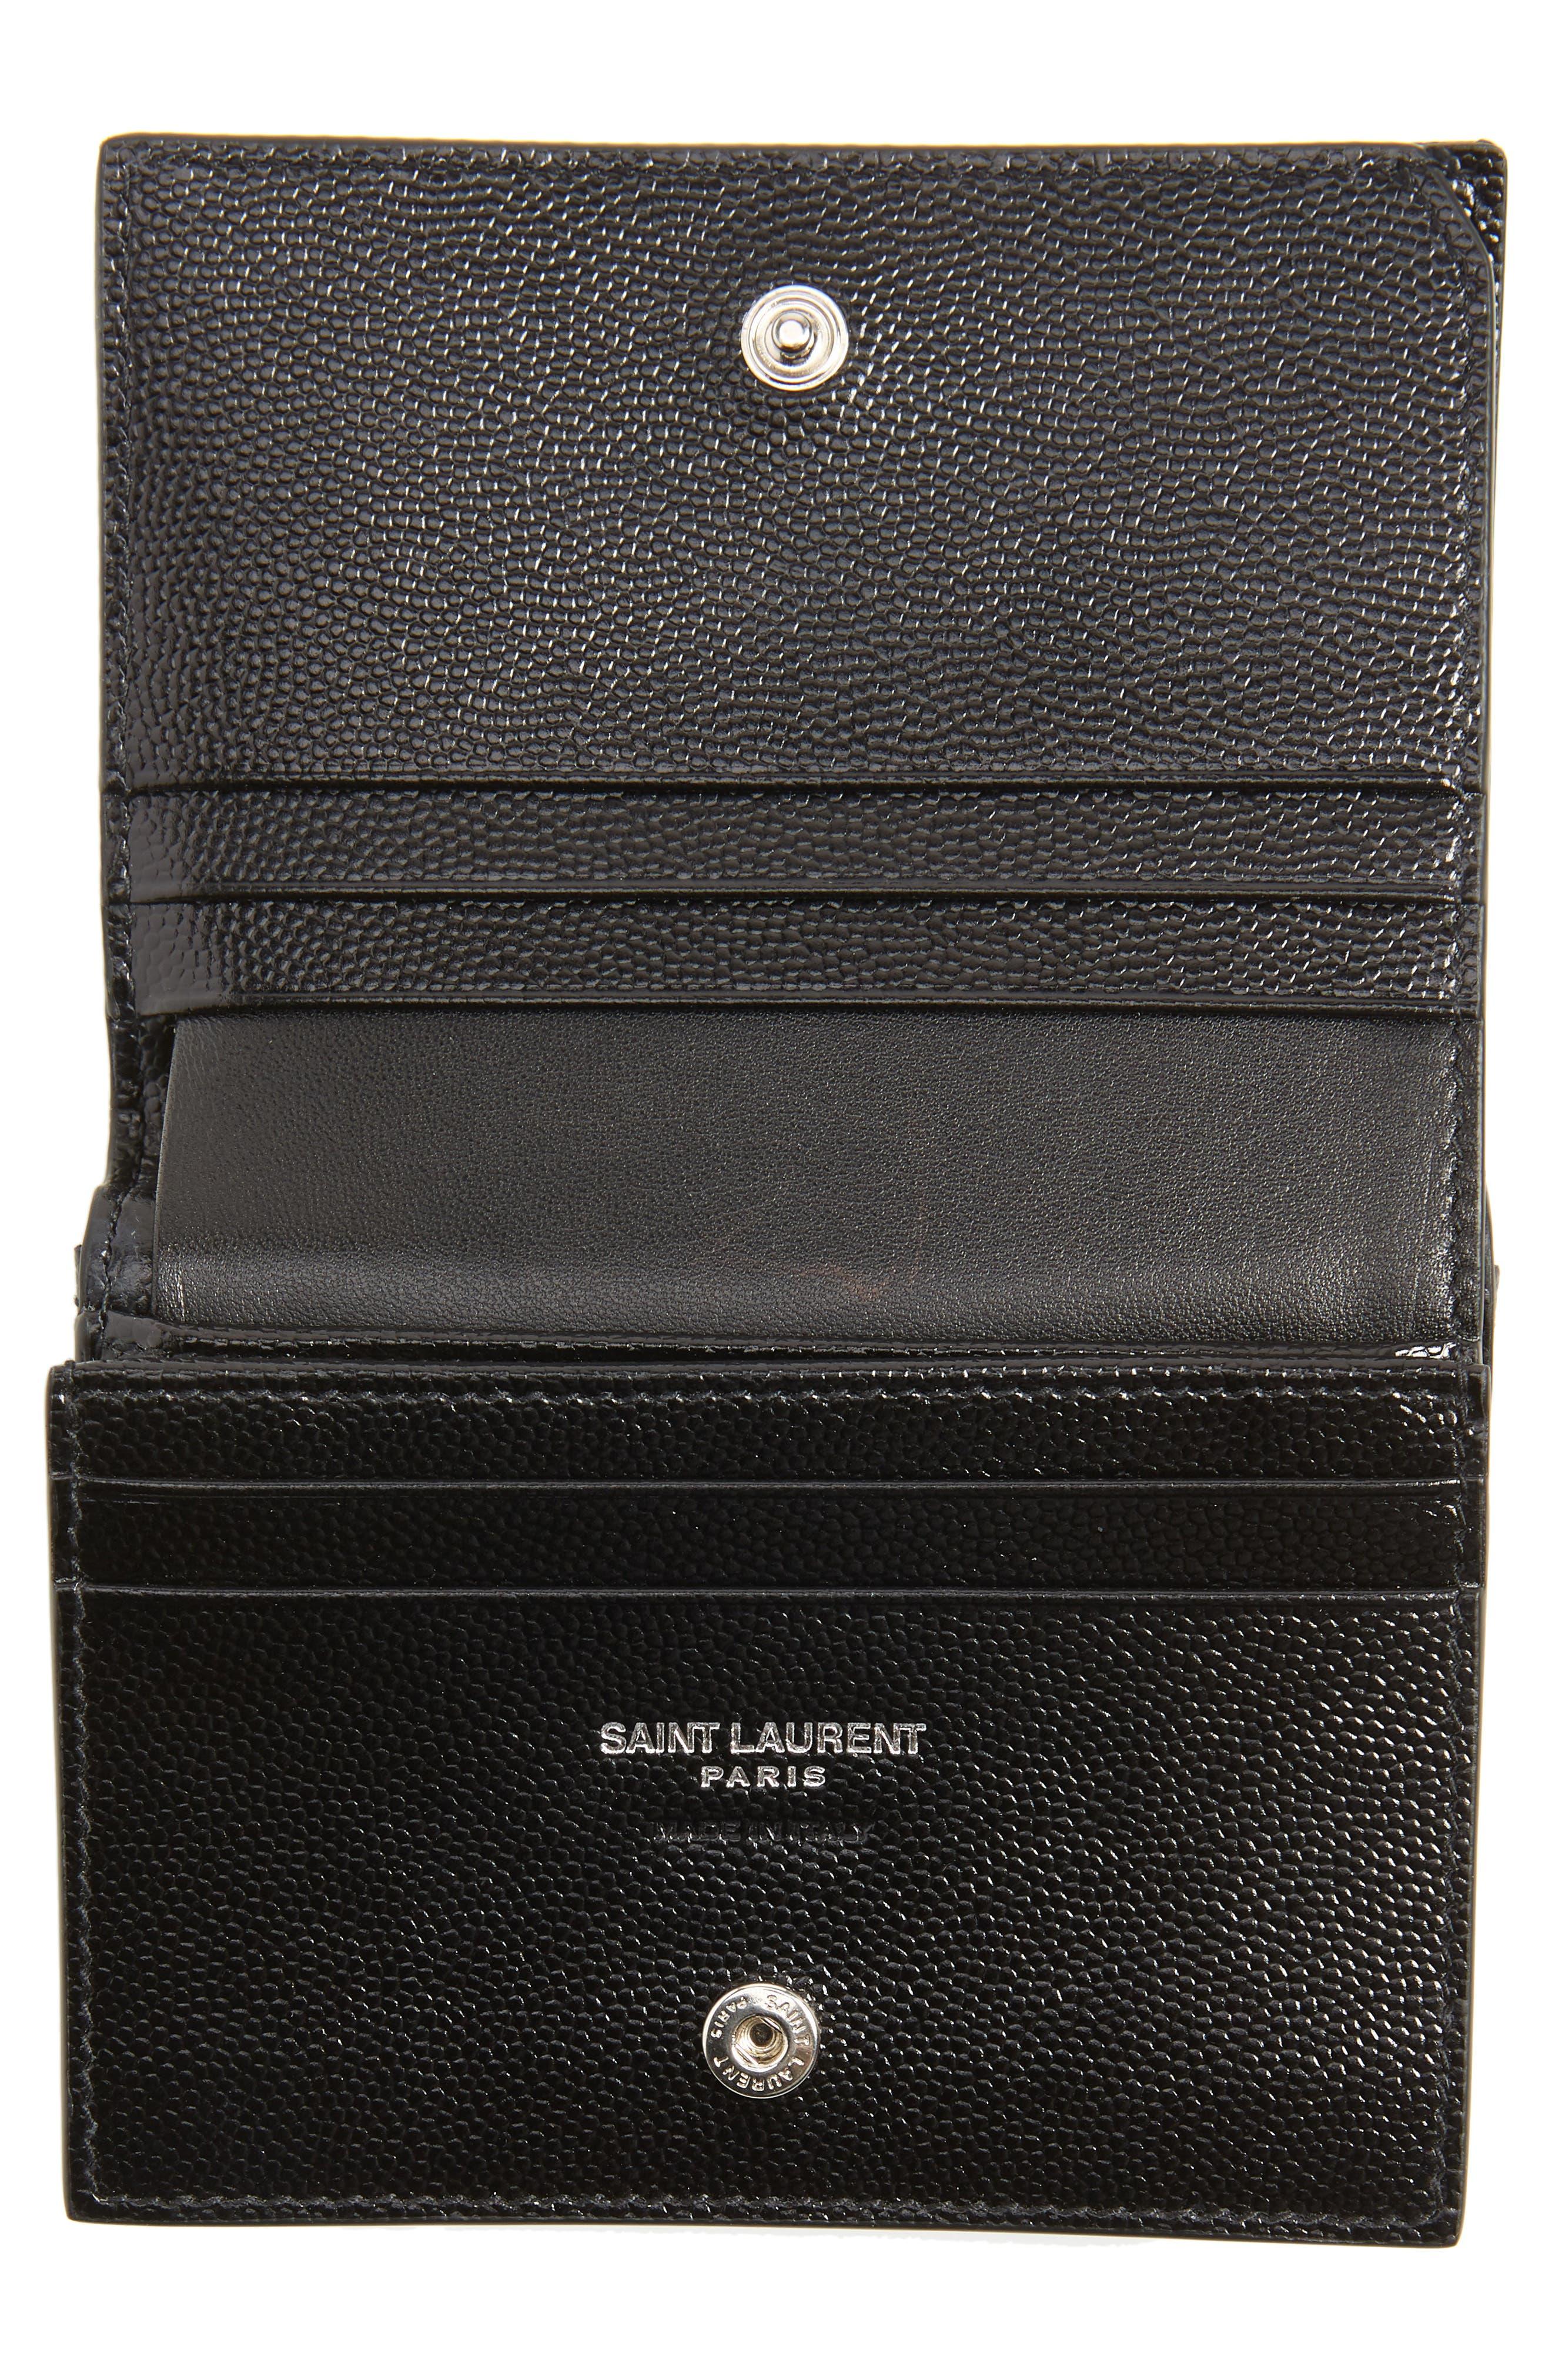 SAINT LAURENT,                             Monogram Quilted Leather Card Case,                             Alternate thumbnail 2, color,                             NOIR/ NOIR